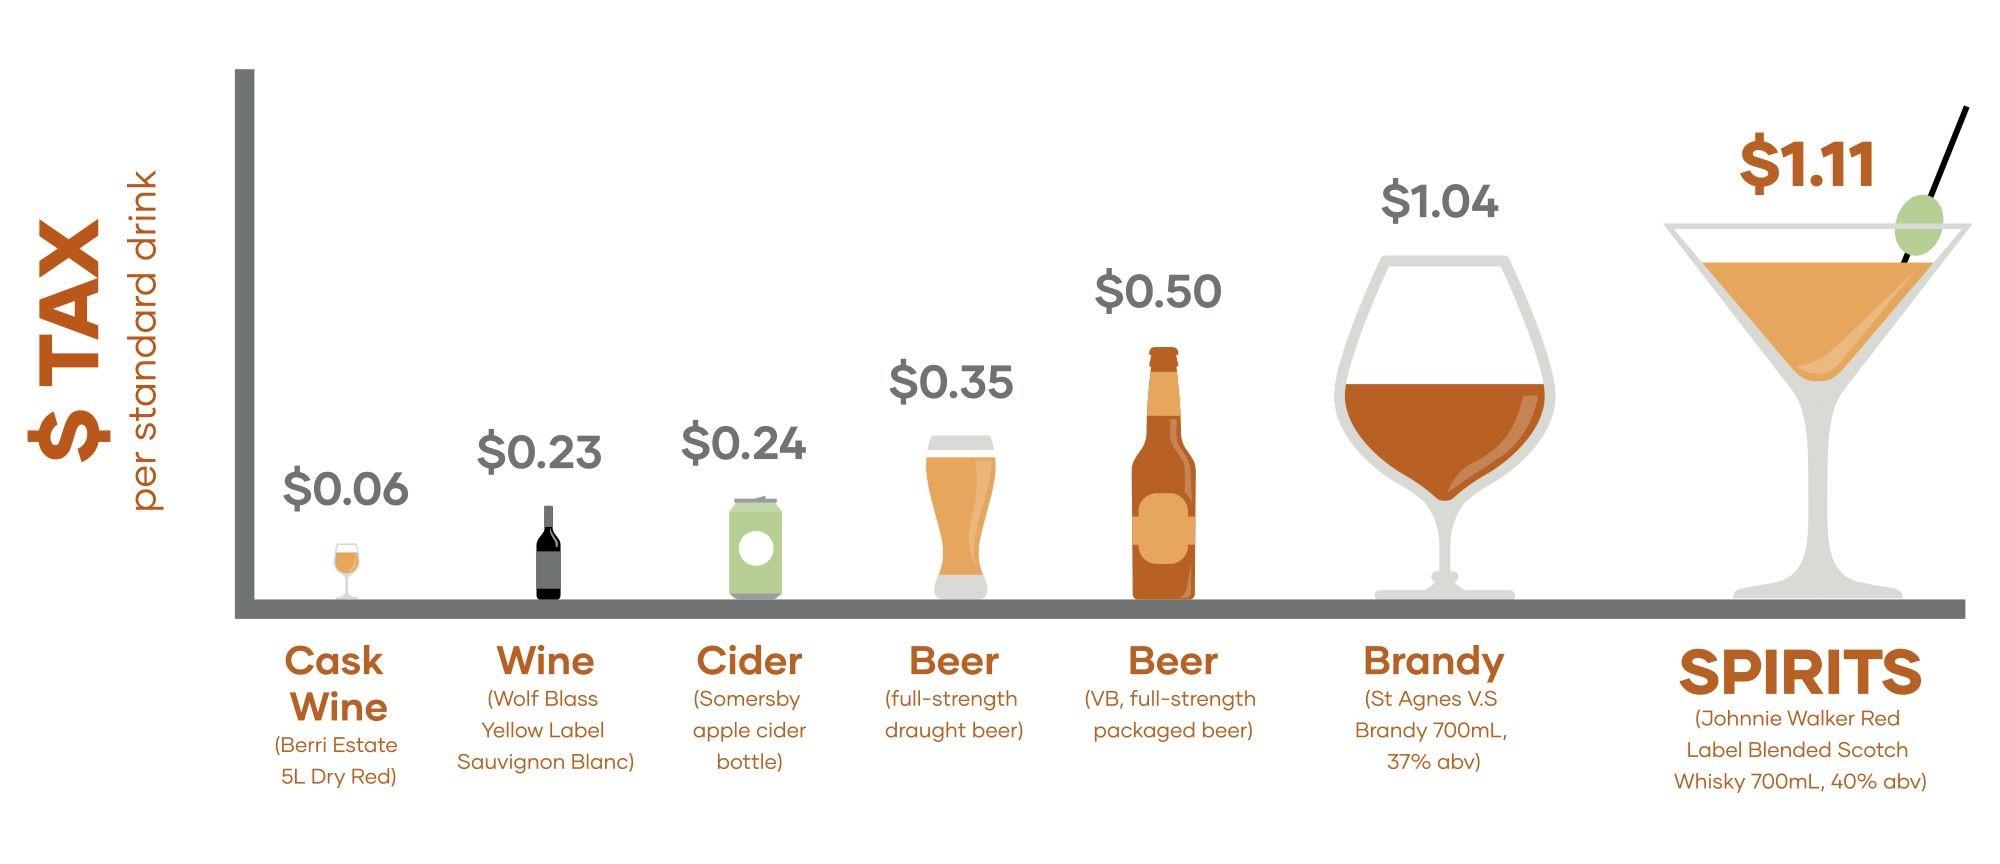 Tax per standard drink